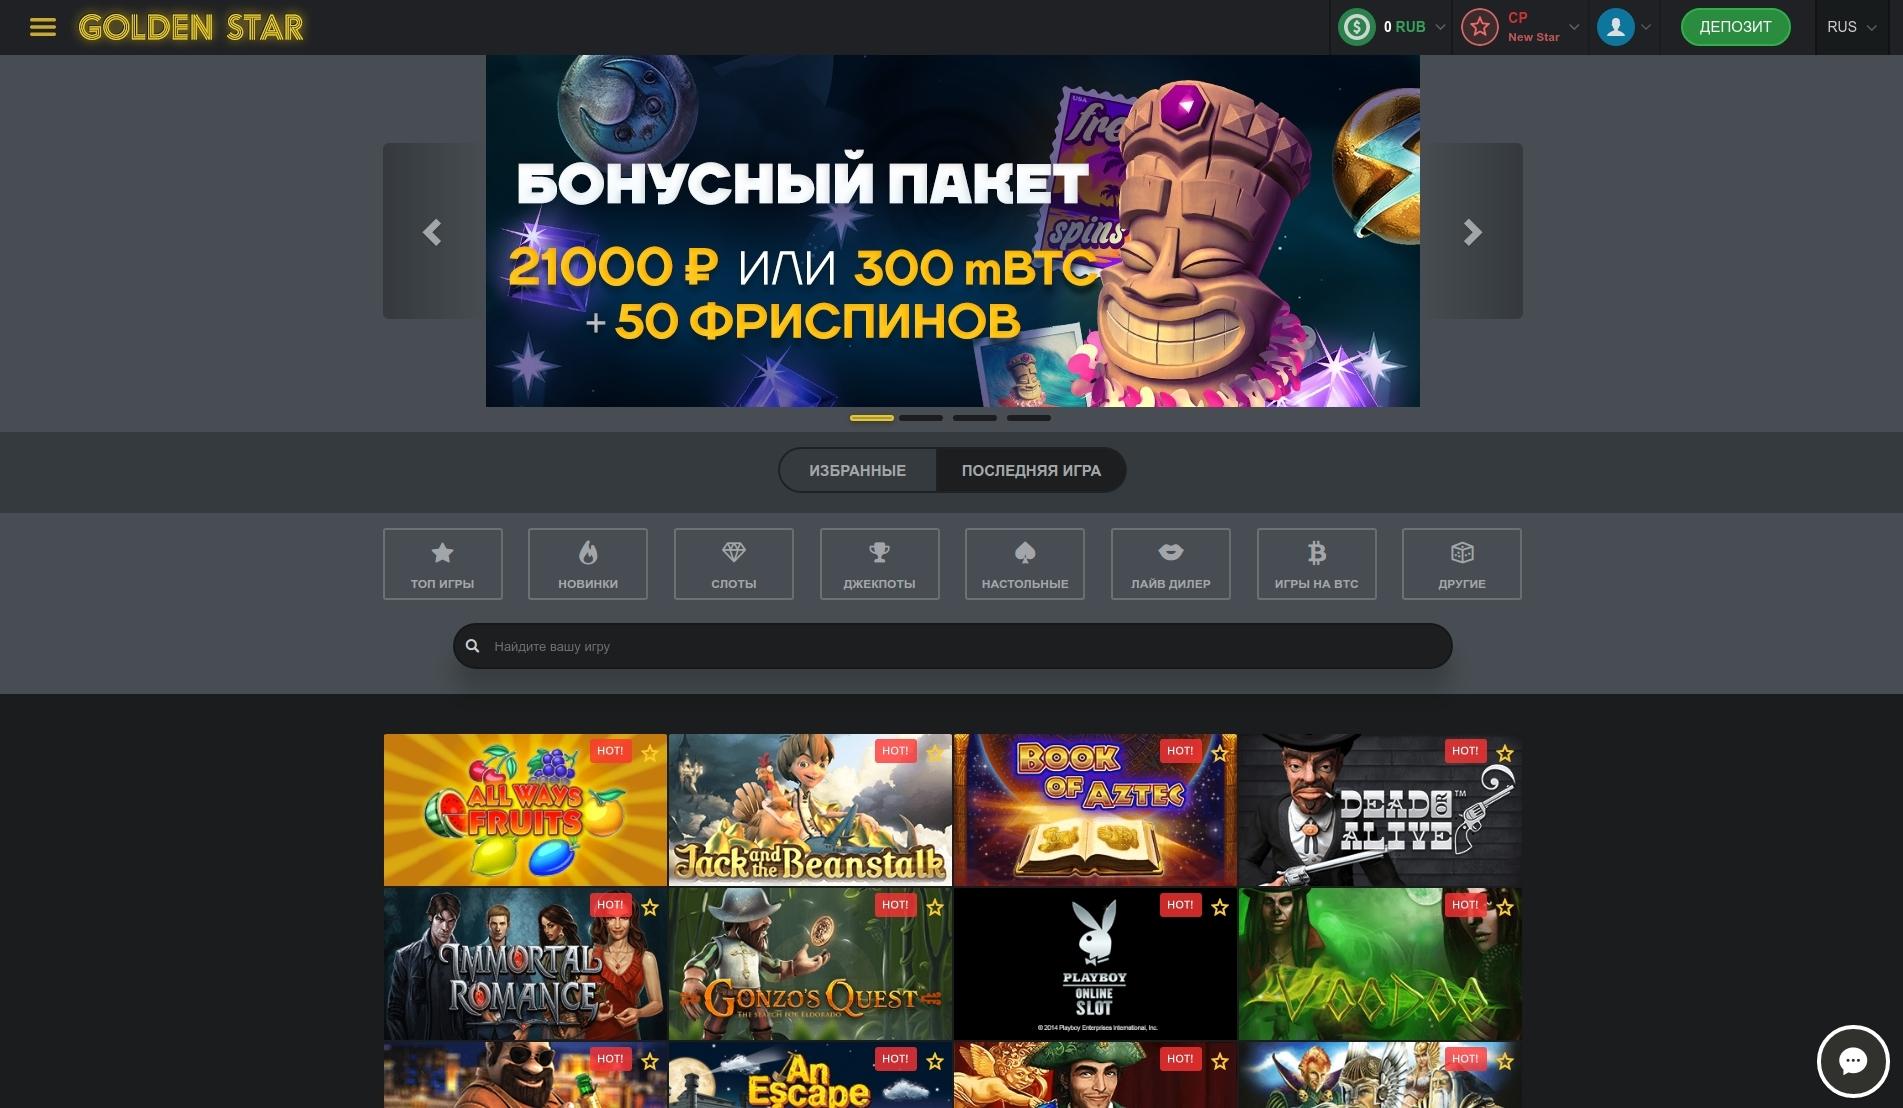 официальный сайт голден стар казино промокод